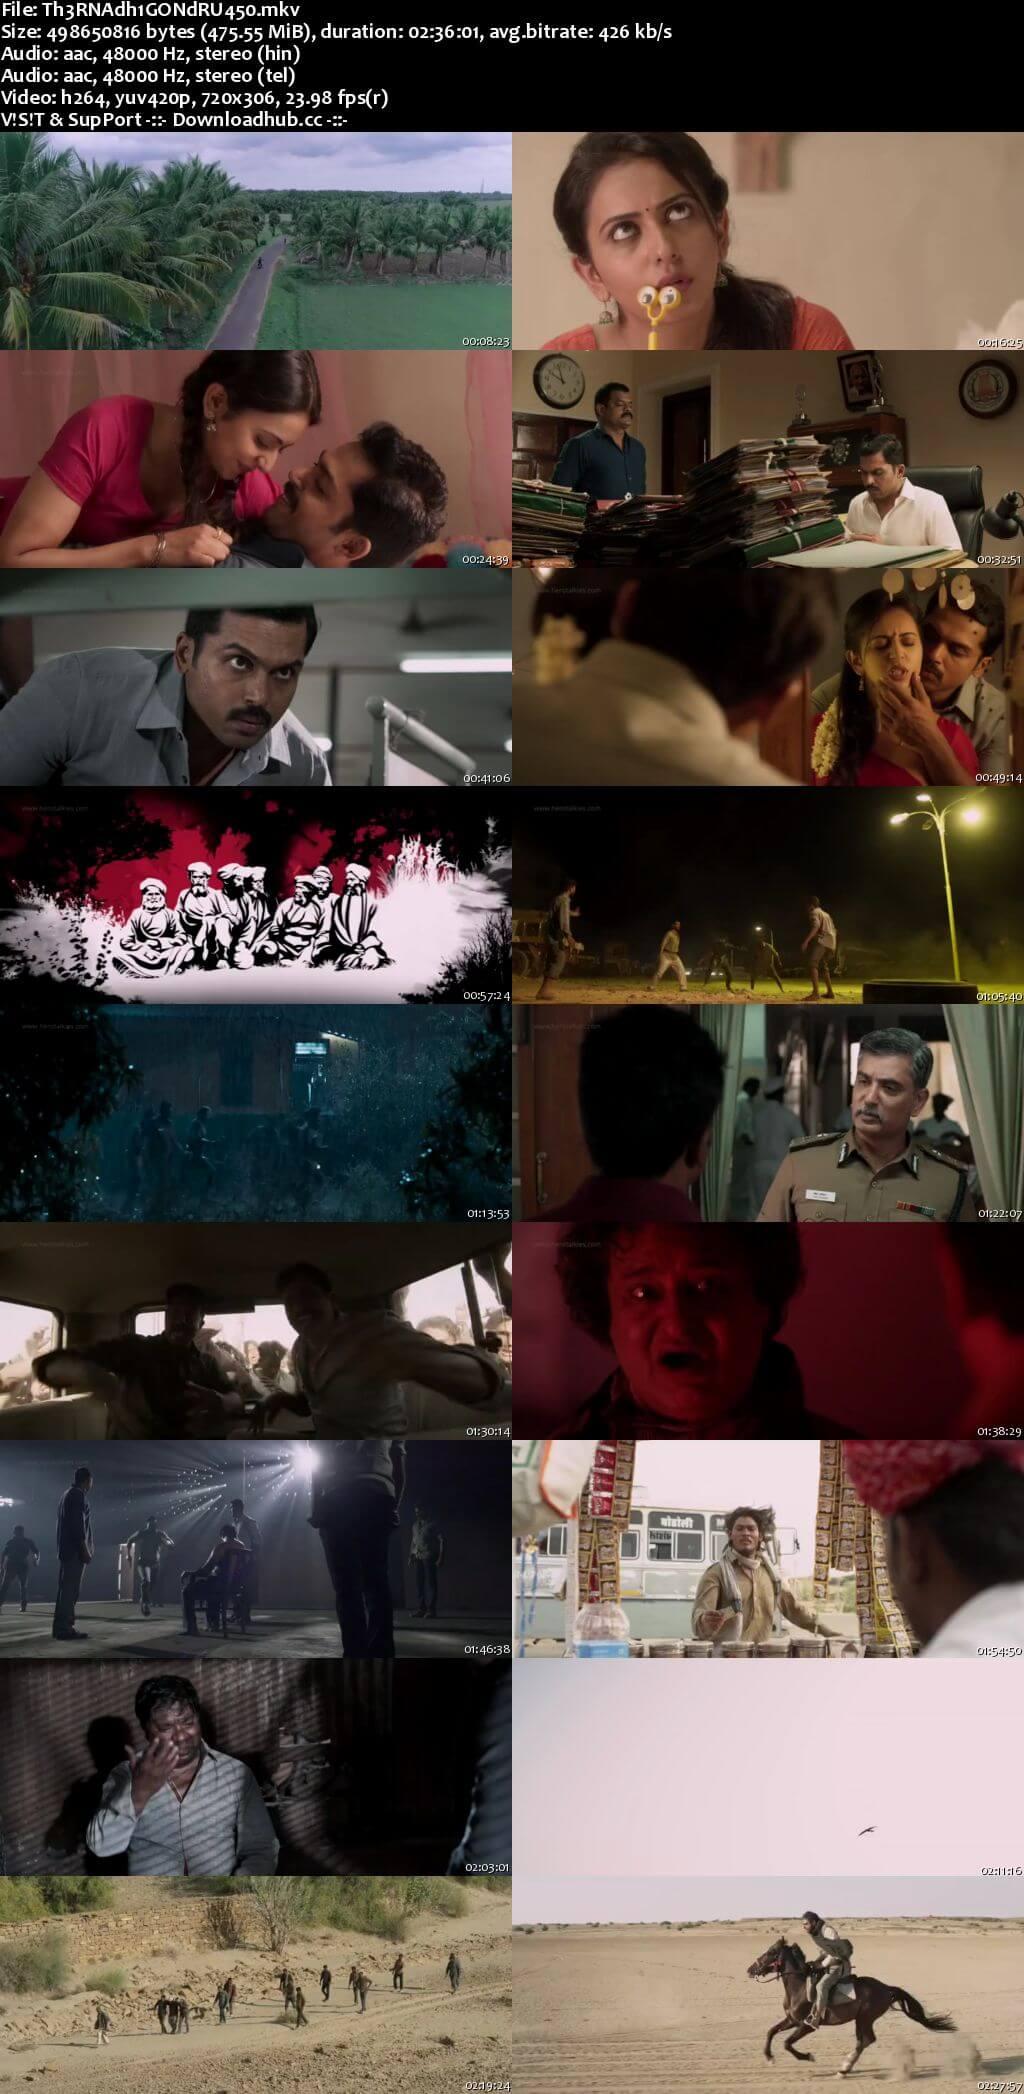 Theeran Adhigaaram Ondru 2017 UNCUT Hindi Dual Audio 480p HDRip Free Download